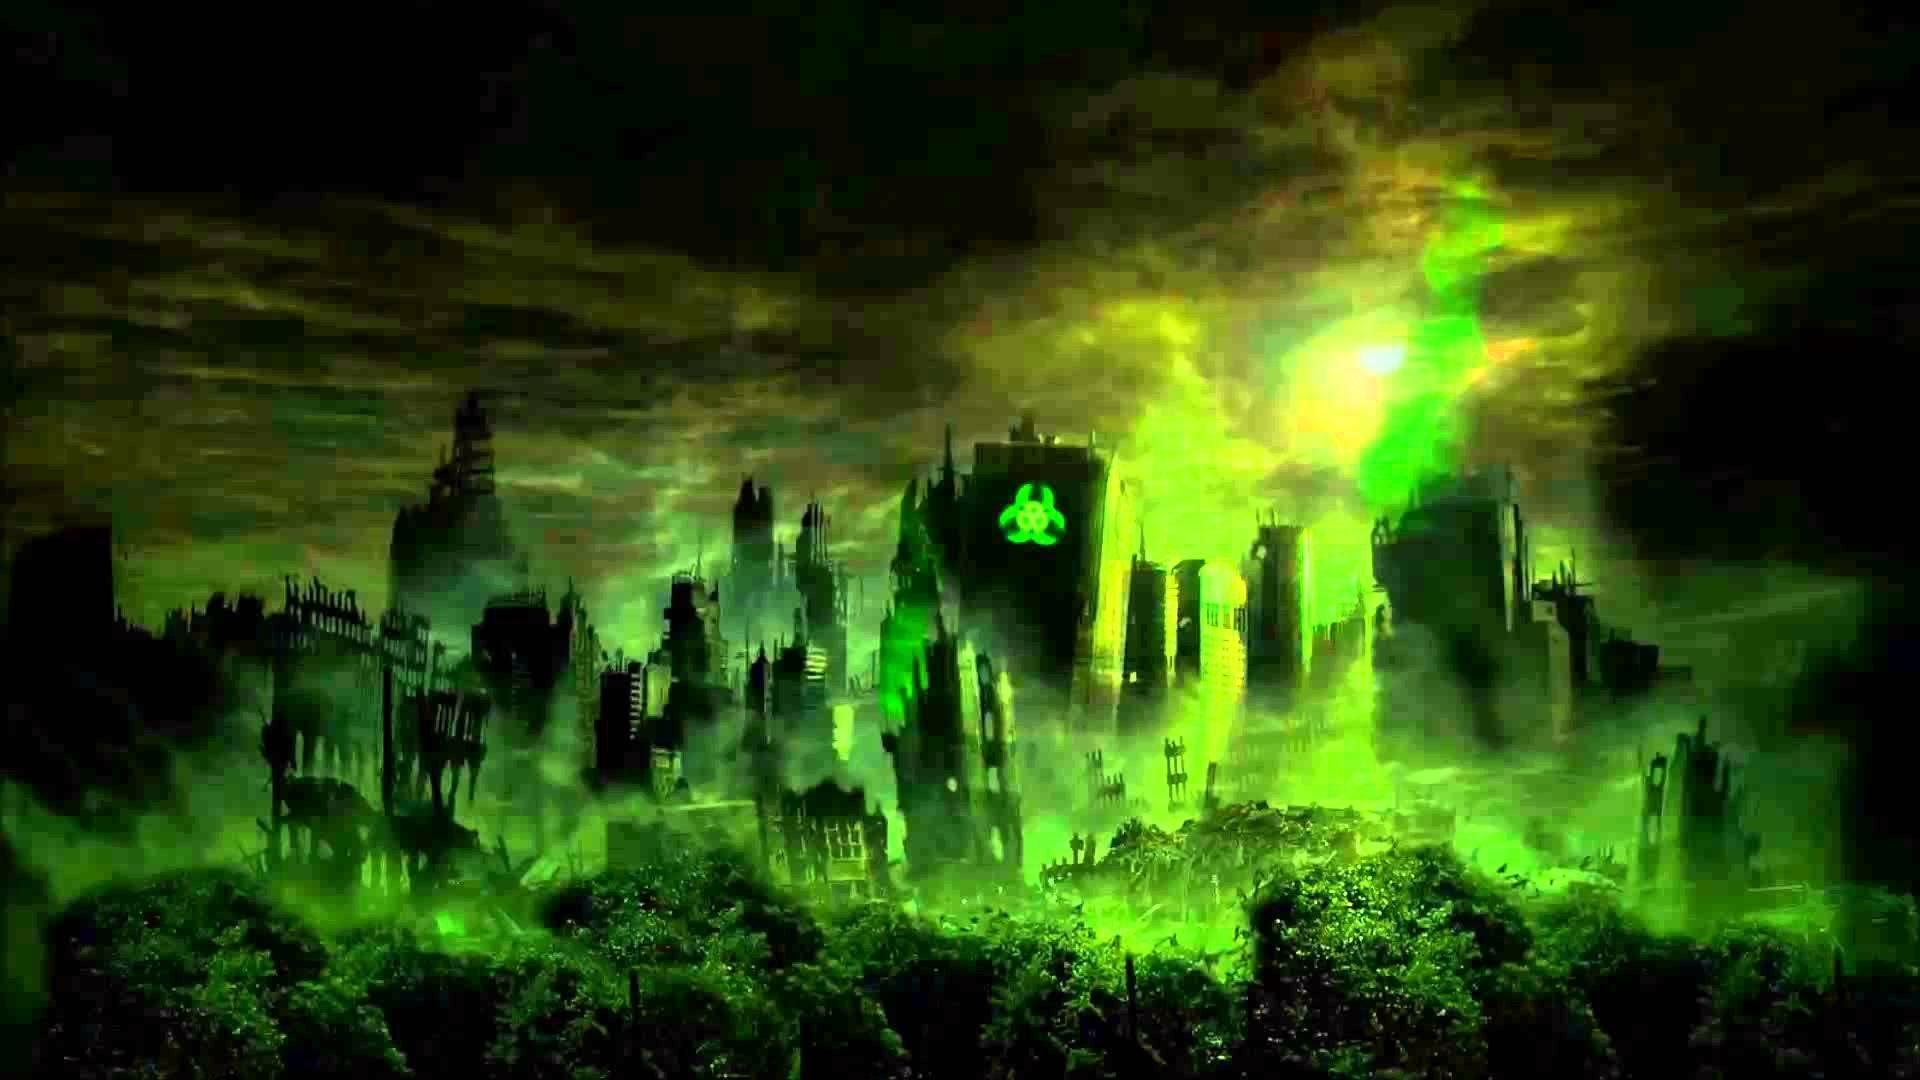 green biohazard wallpaper (60+ images)